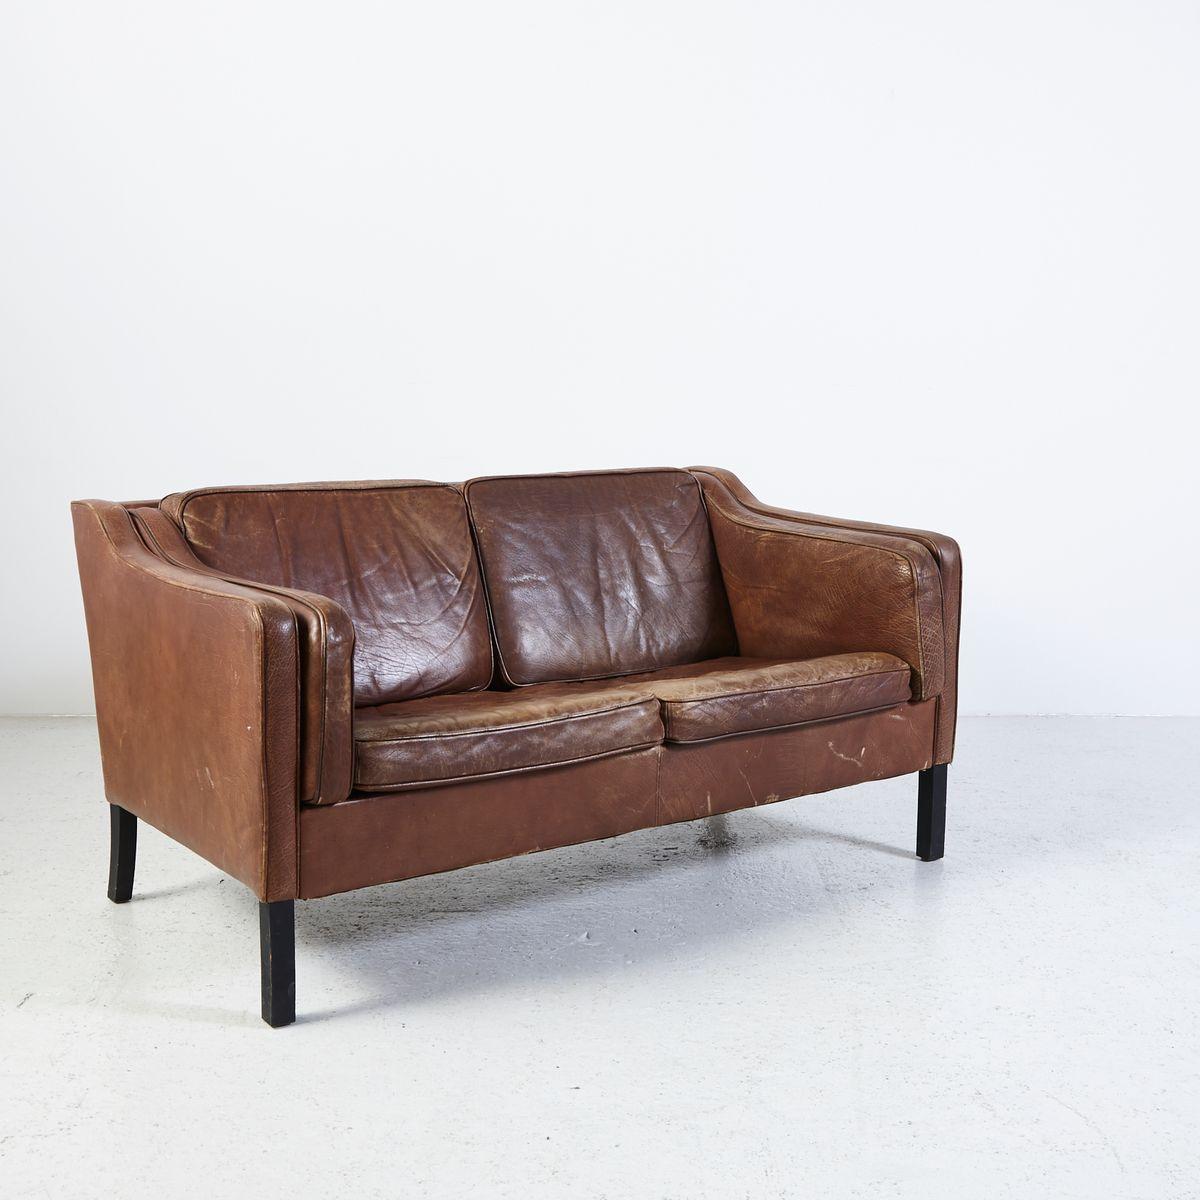 vintage zwei sitzer b ffelleder sofa bei pamono kaufen. Black Bedroom Furniture Sets. Home Design Ideas